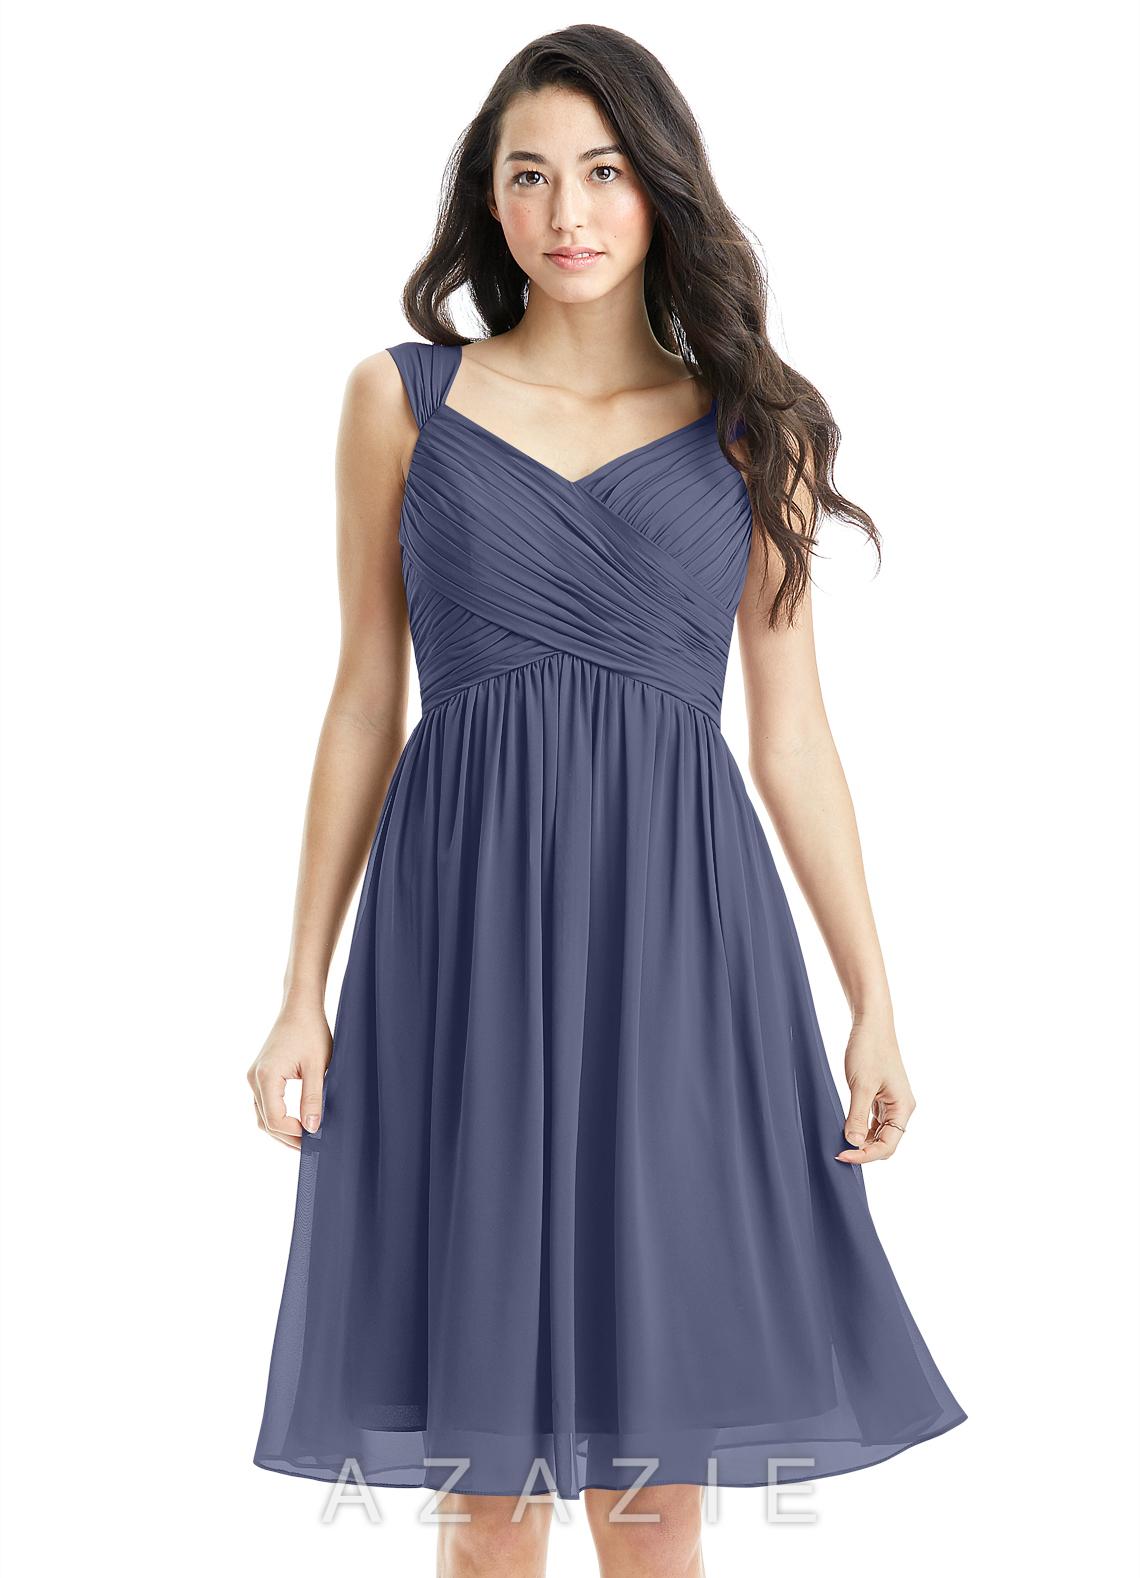 b4d8dbe020 Azazie Angie Bridesmaid Dress - Stormy